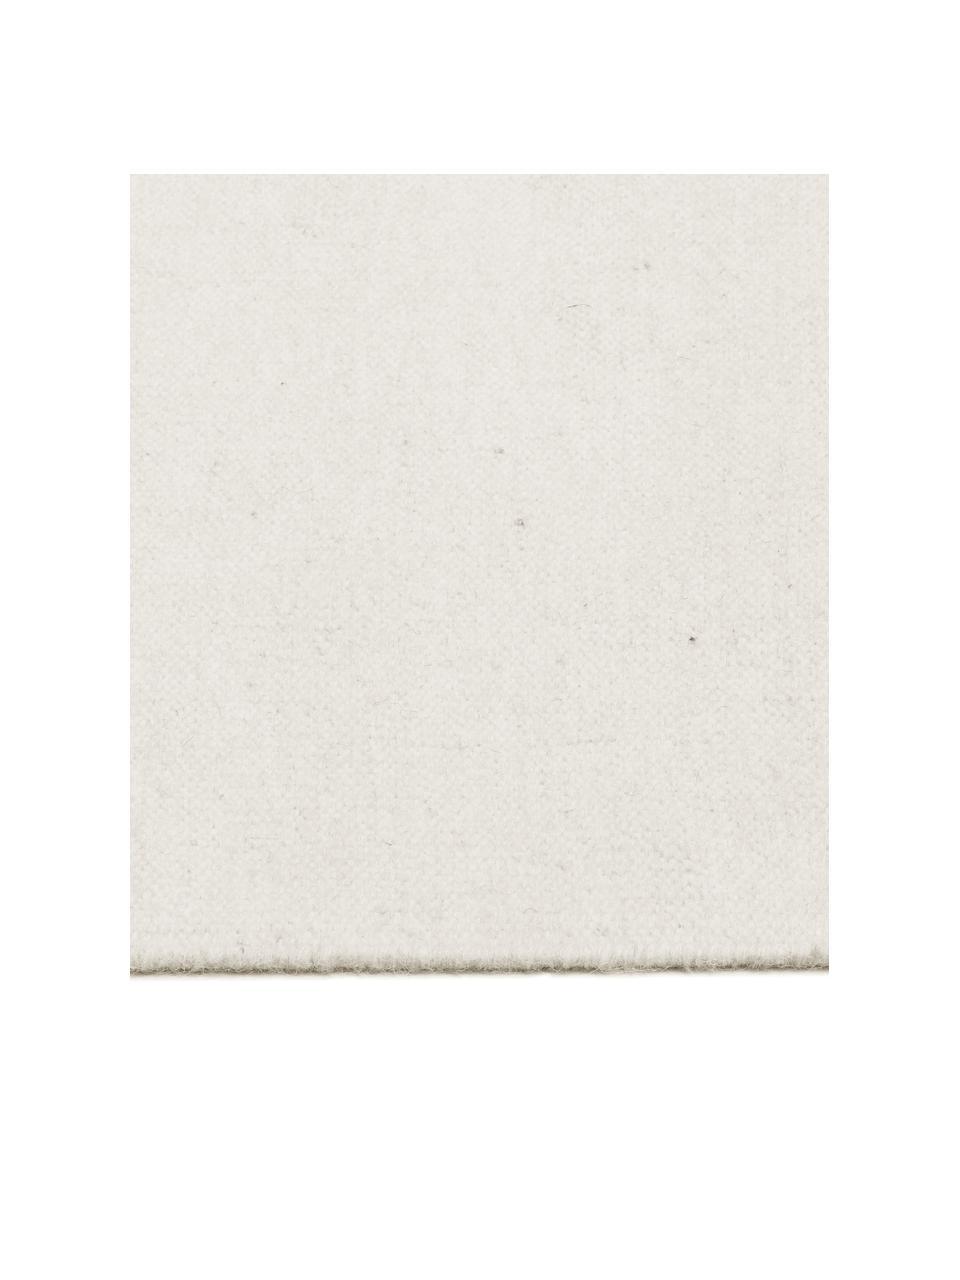 Handgewebter Kelimteppich Rainbow in Offwhite mit Fransen, Fransen: 100% Baumwolle Bei Wollte, Naturweiß, B 140 x L 200 cm (Größe S)